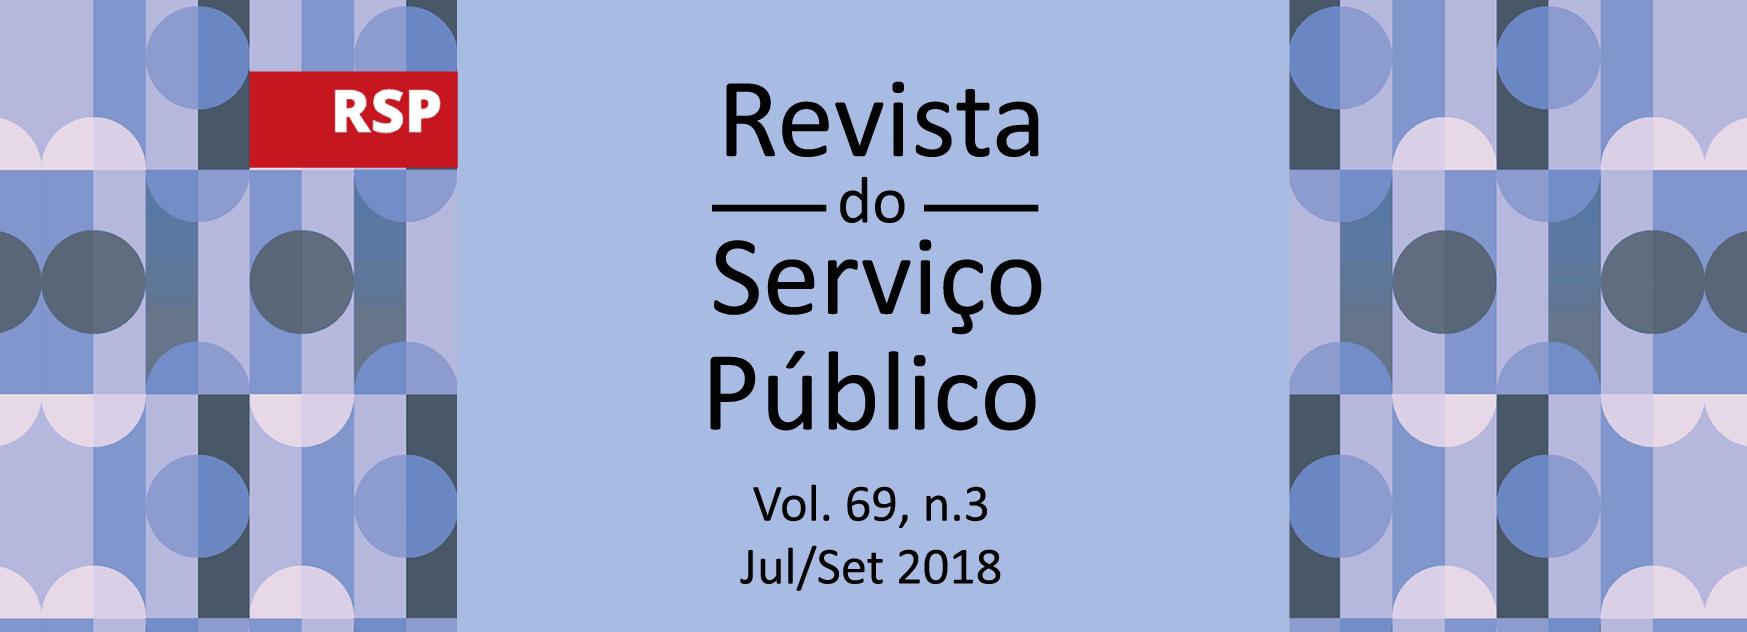 Destaque_RSP_69.3.png